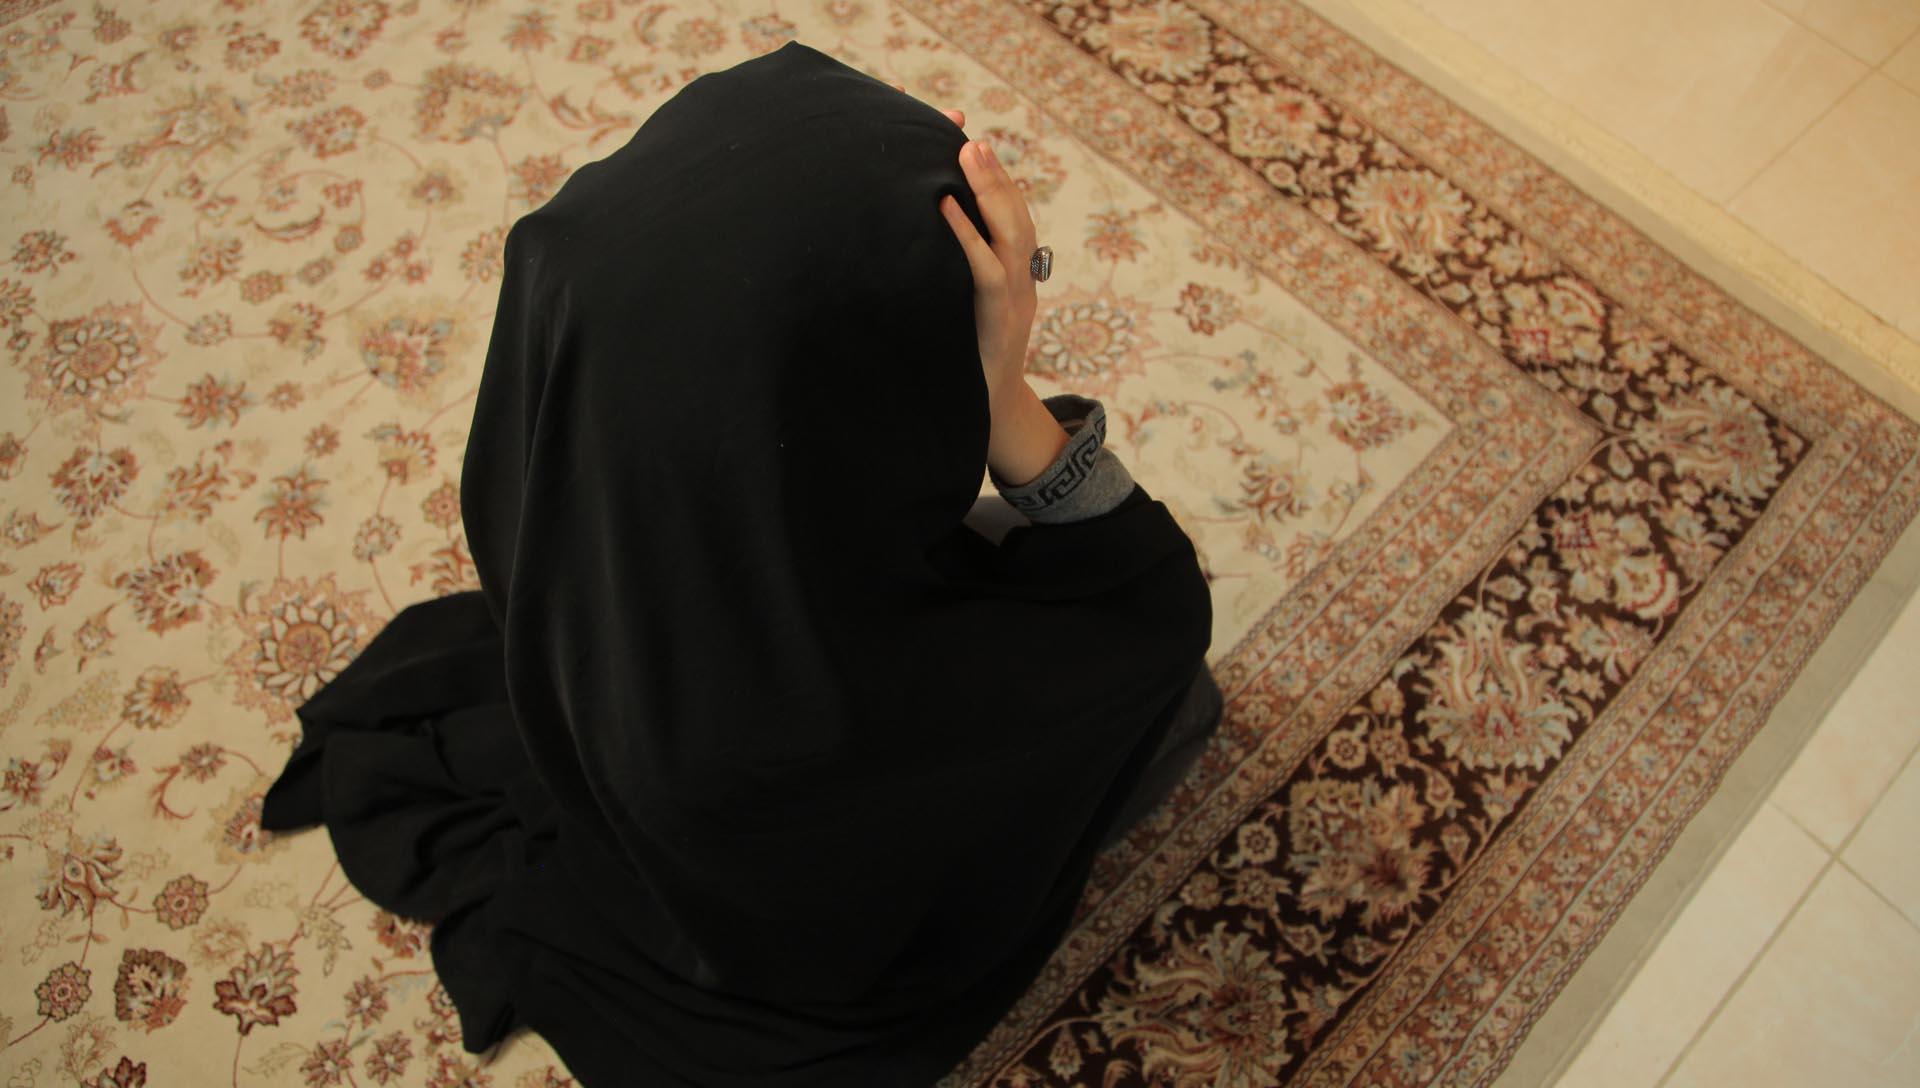 مکثی بعد از بیداری عکس 2 - شرکت فیلم سازی زوم شیراز برادران شریفی